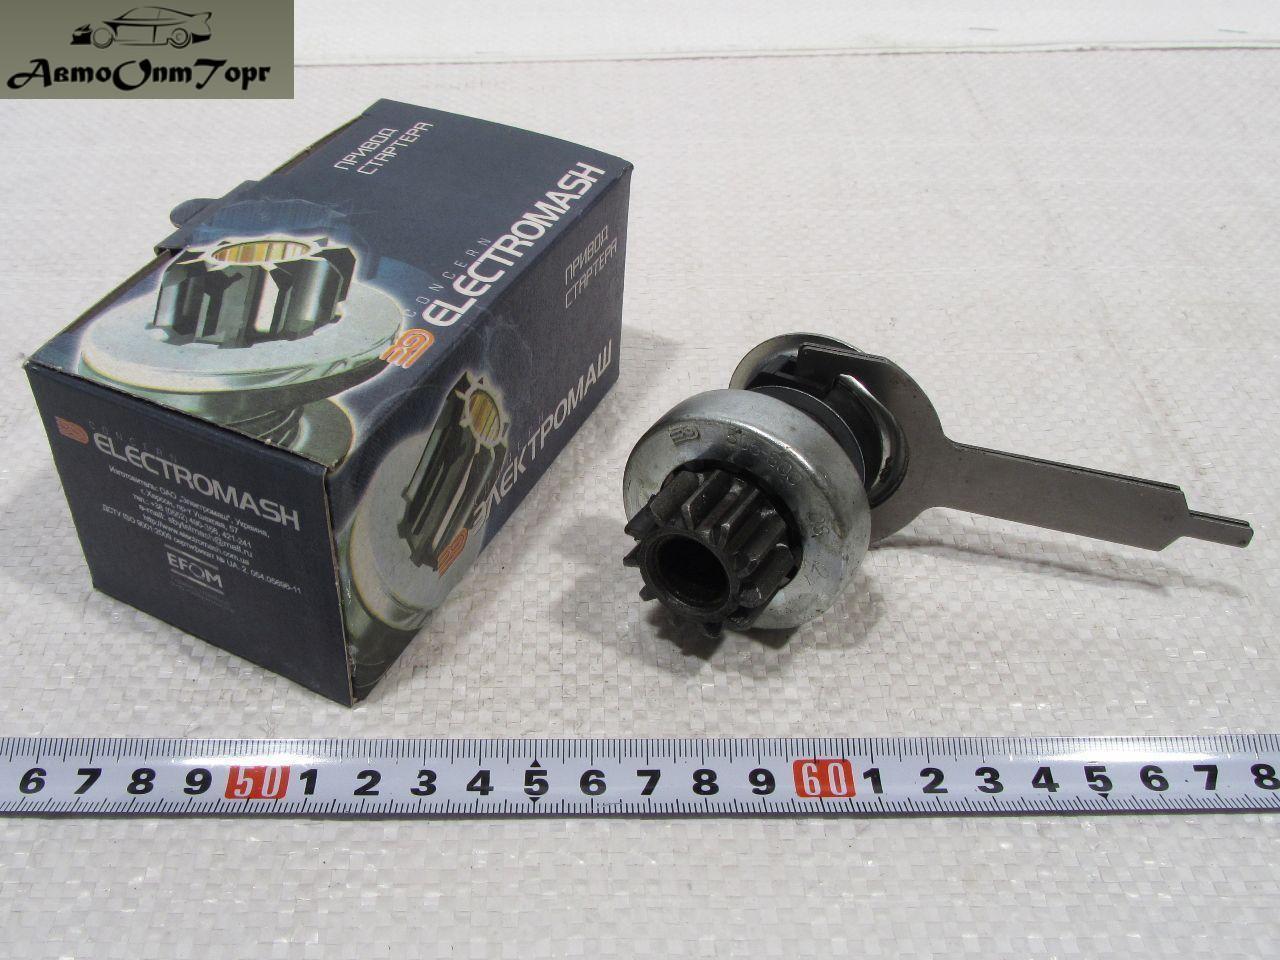 Бендикс  ВАЗ 2101, 2102, 2103, 2104, 2105, 2106, 2107, (привод стартера)  (на белорусский стартер) Электромаш, 505.600